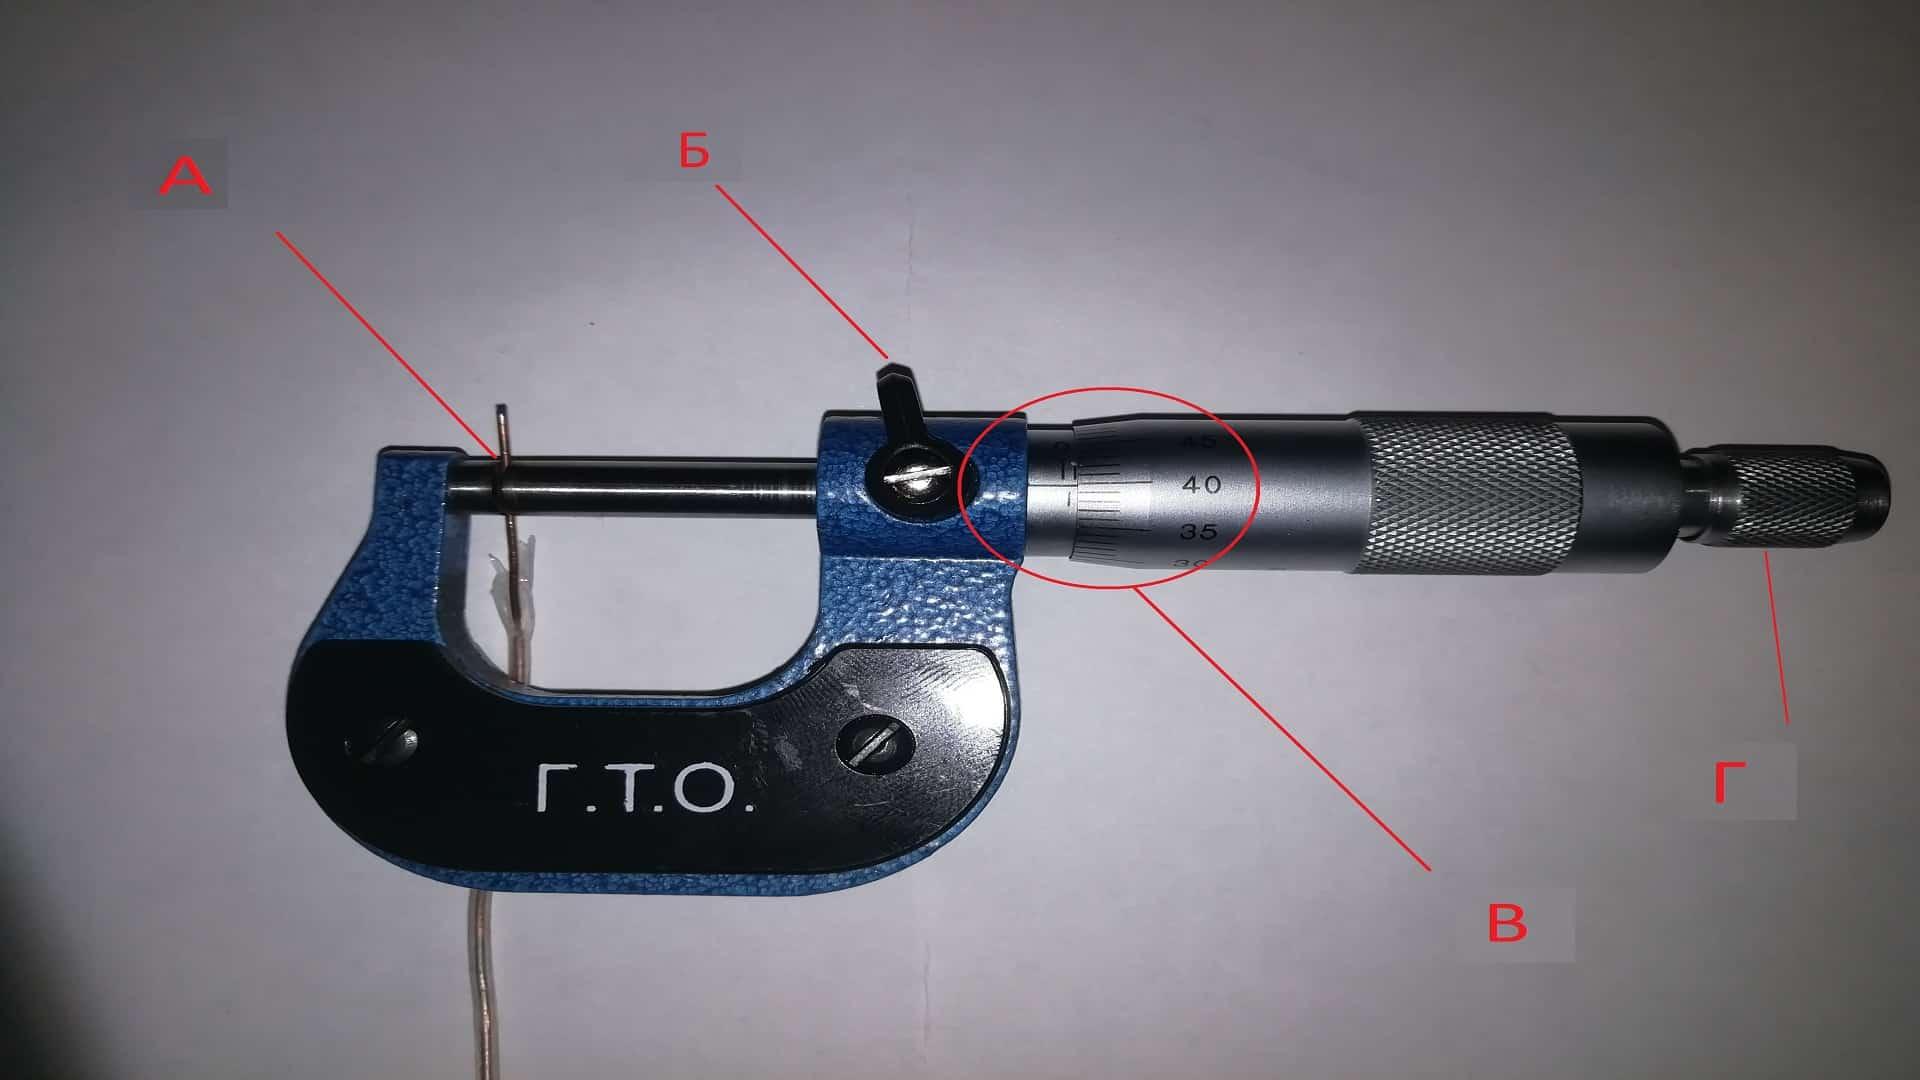 Измерение микрометром сечения провода